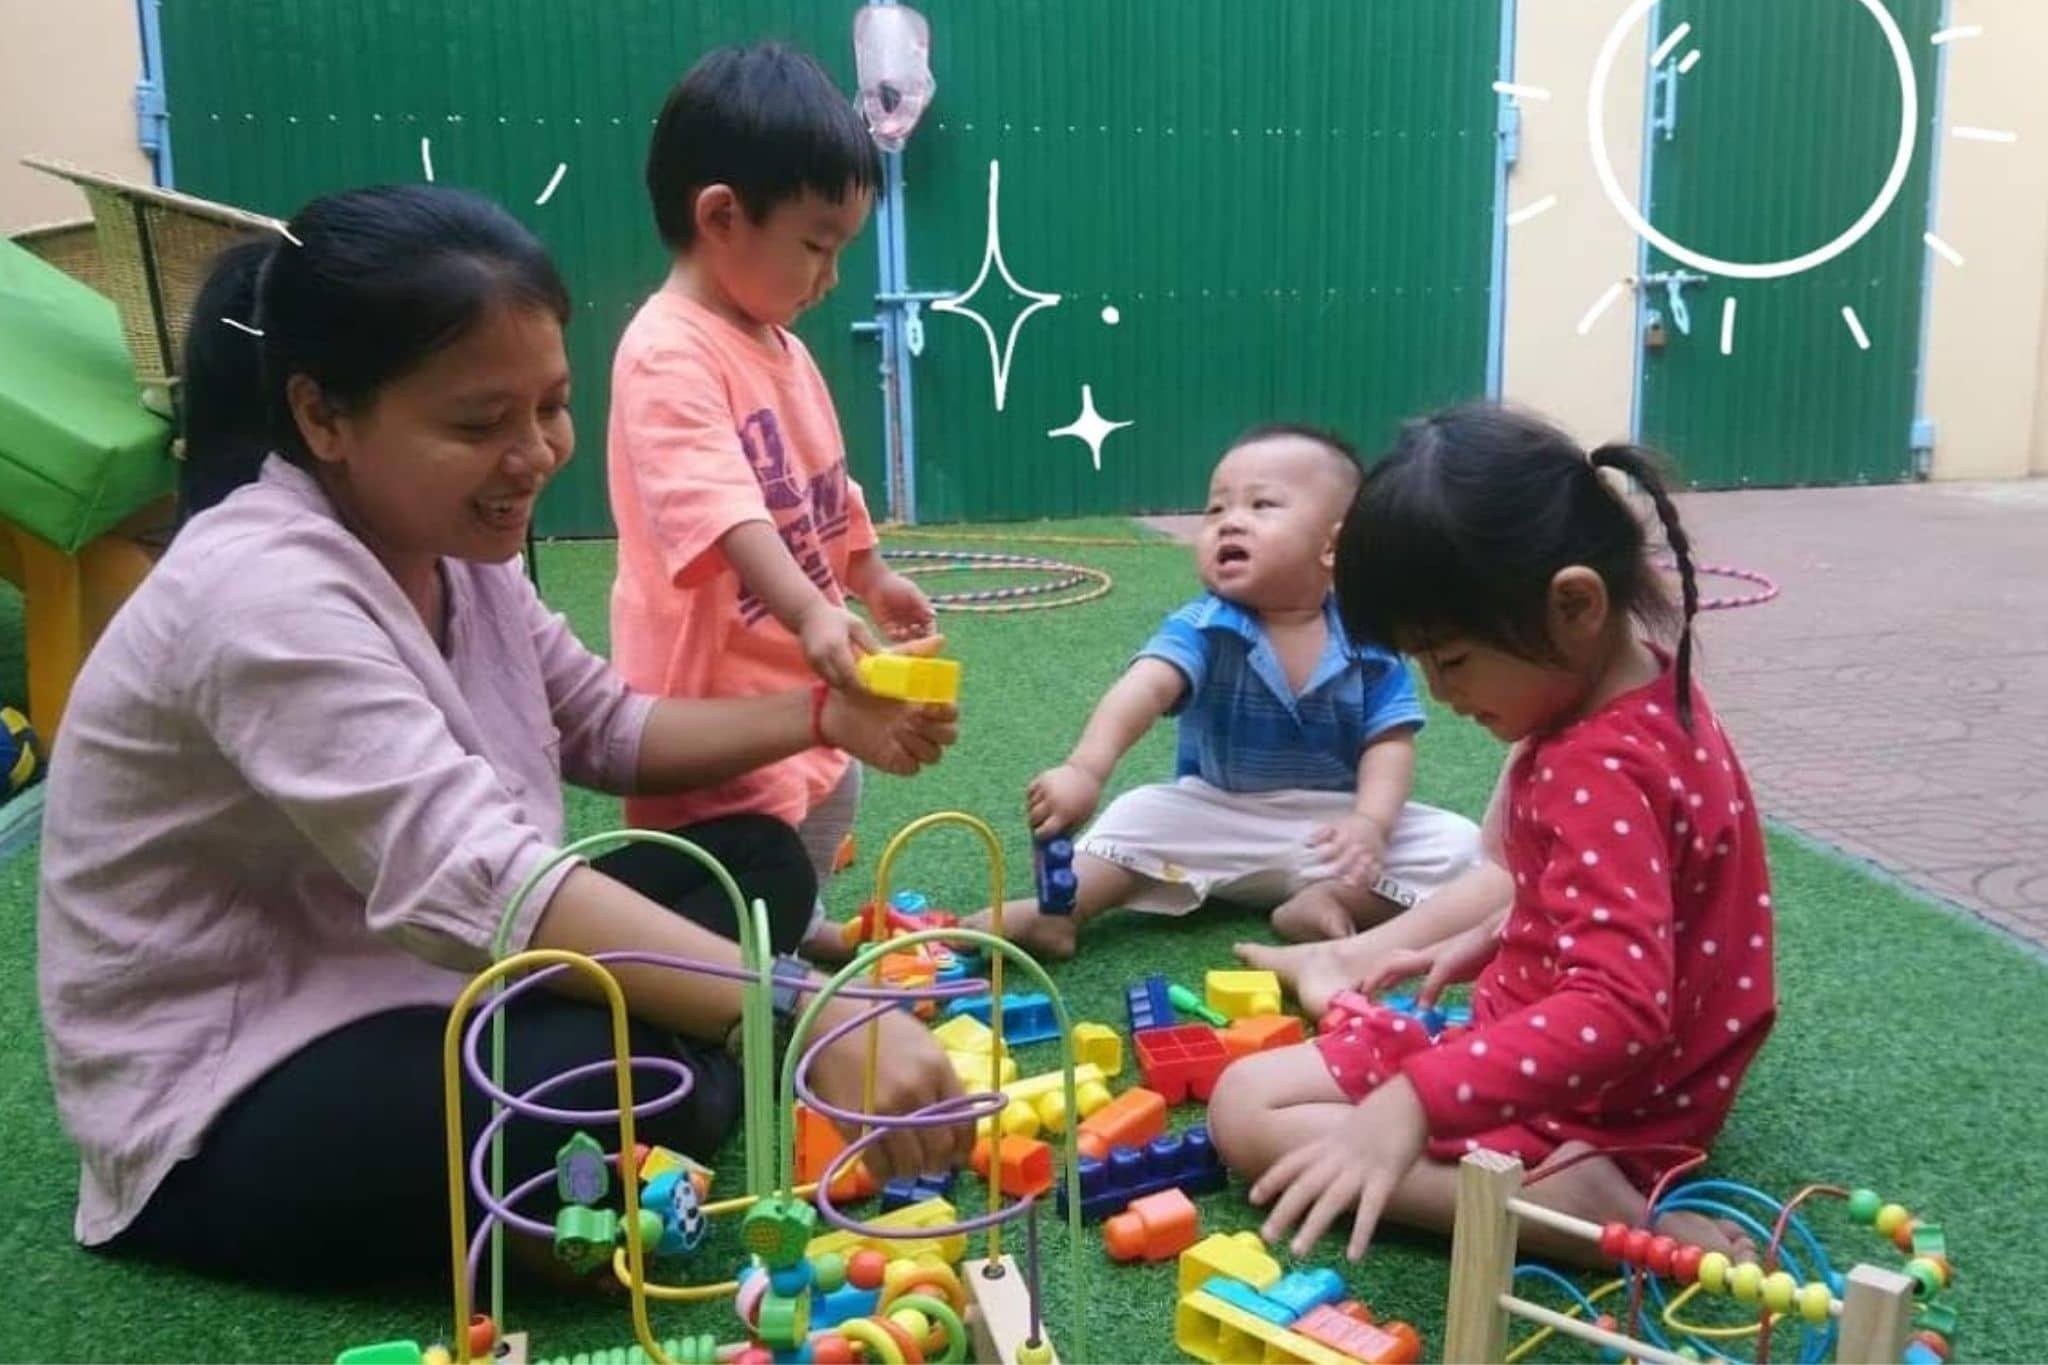 La directrice de la crèche Kidora joue avec des enfants cambodgiens